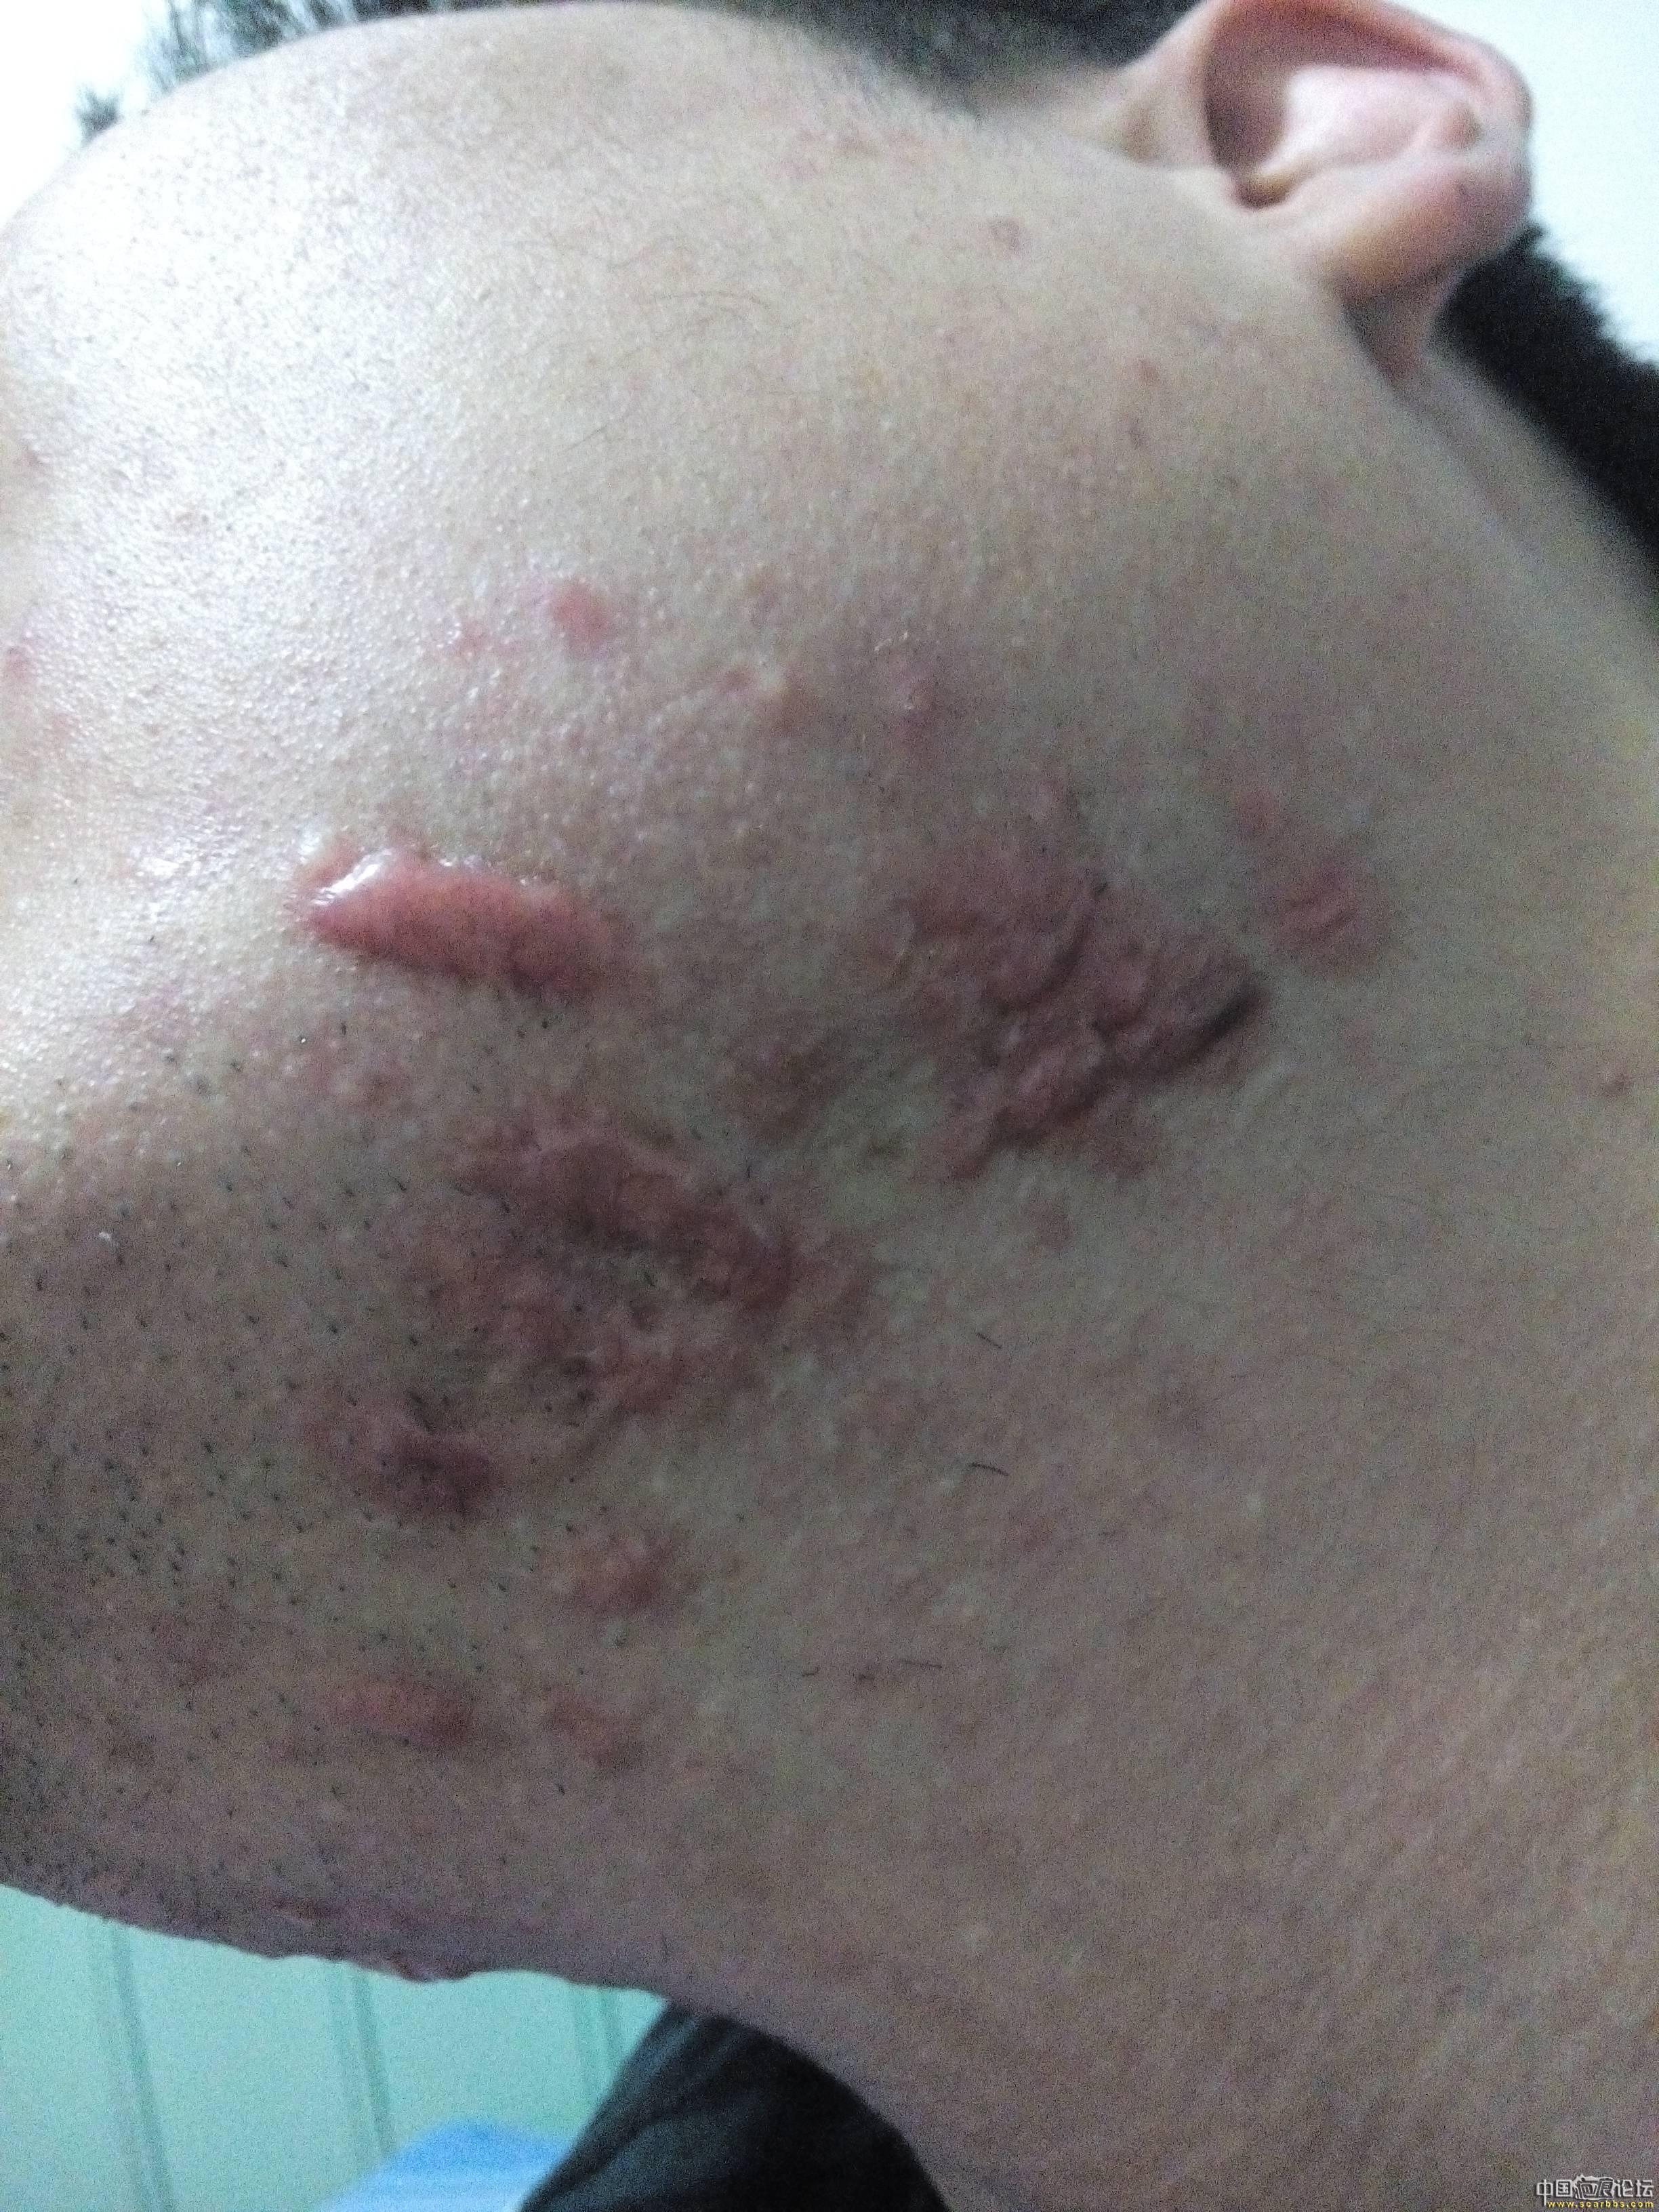 陪伴4年的腮部疤痕疙瘩治疗效果分享10-疤痕体质图片_疤痕疙瘩图片-中国疤痕论坛